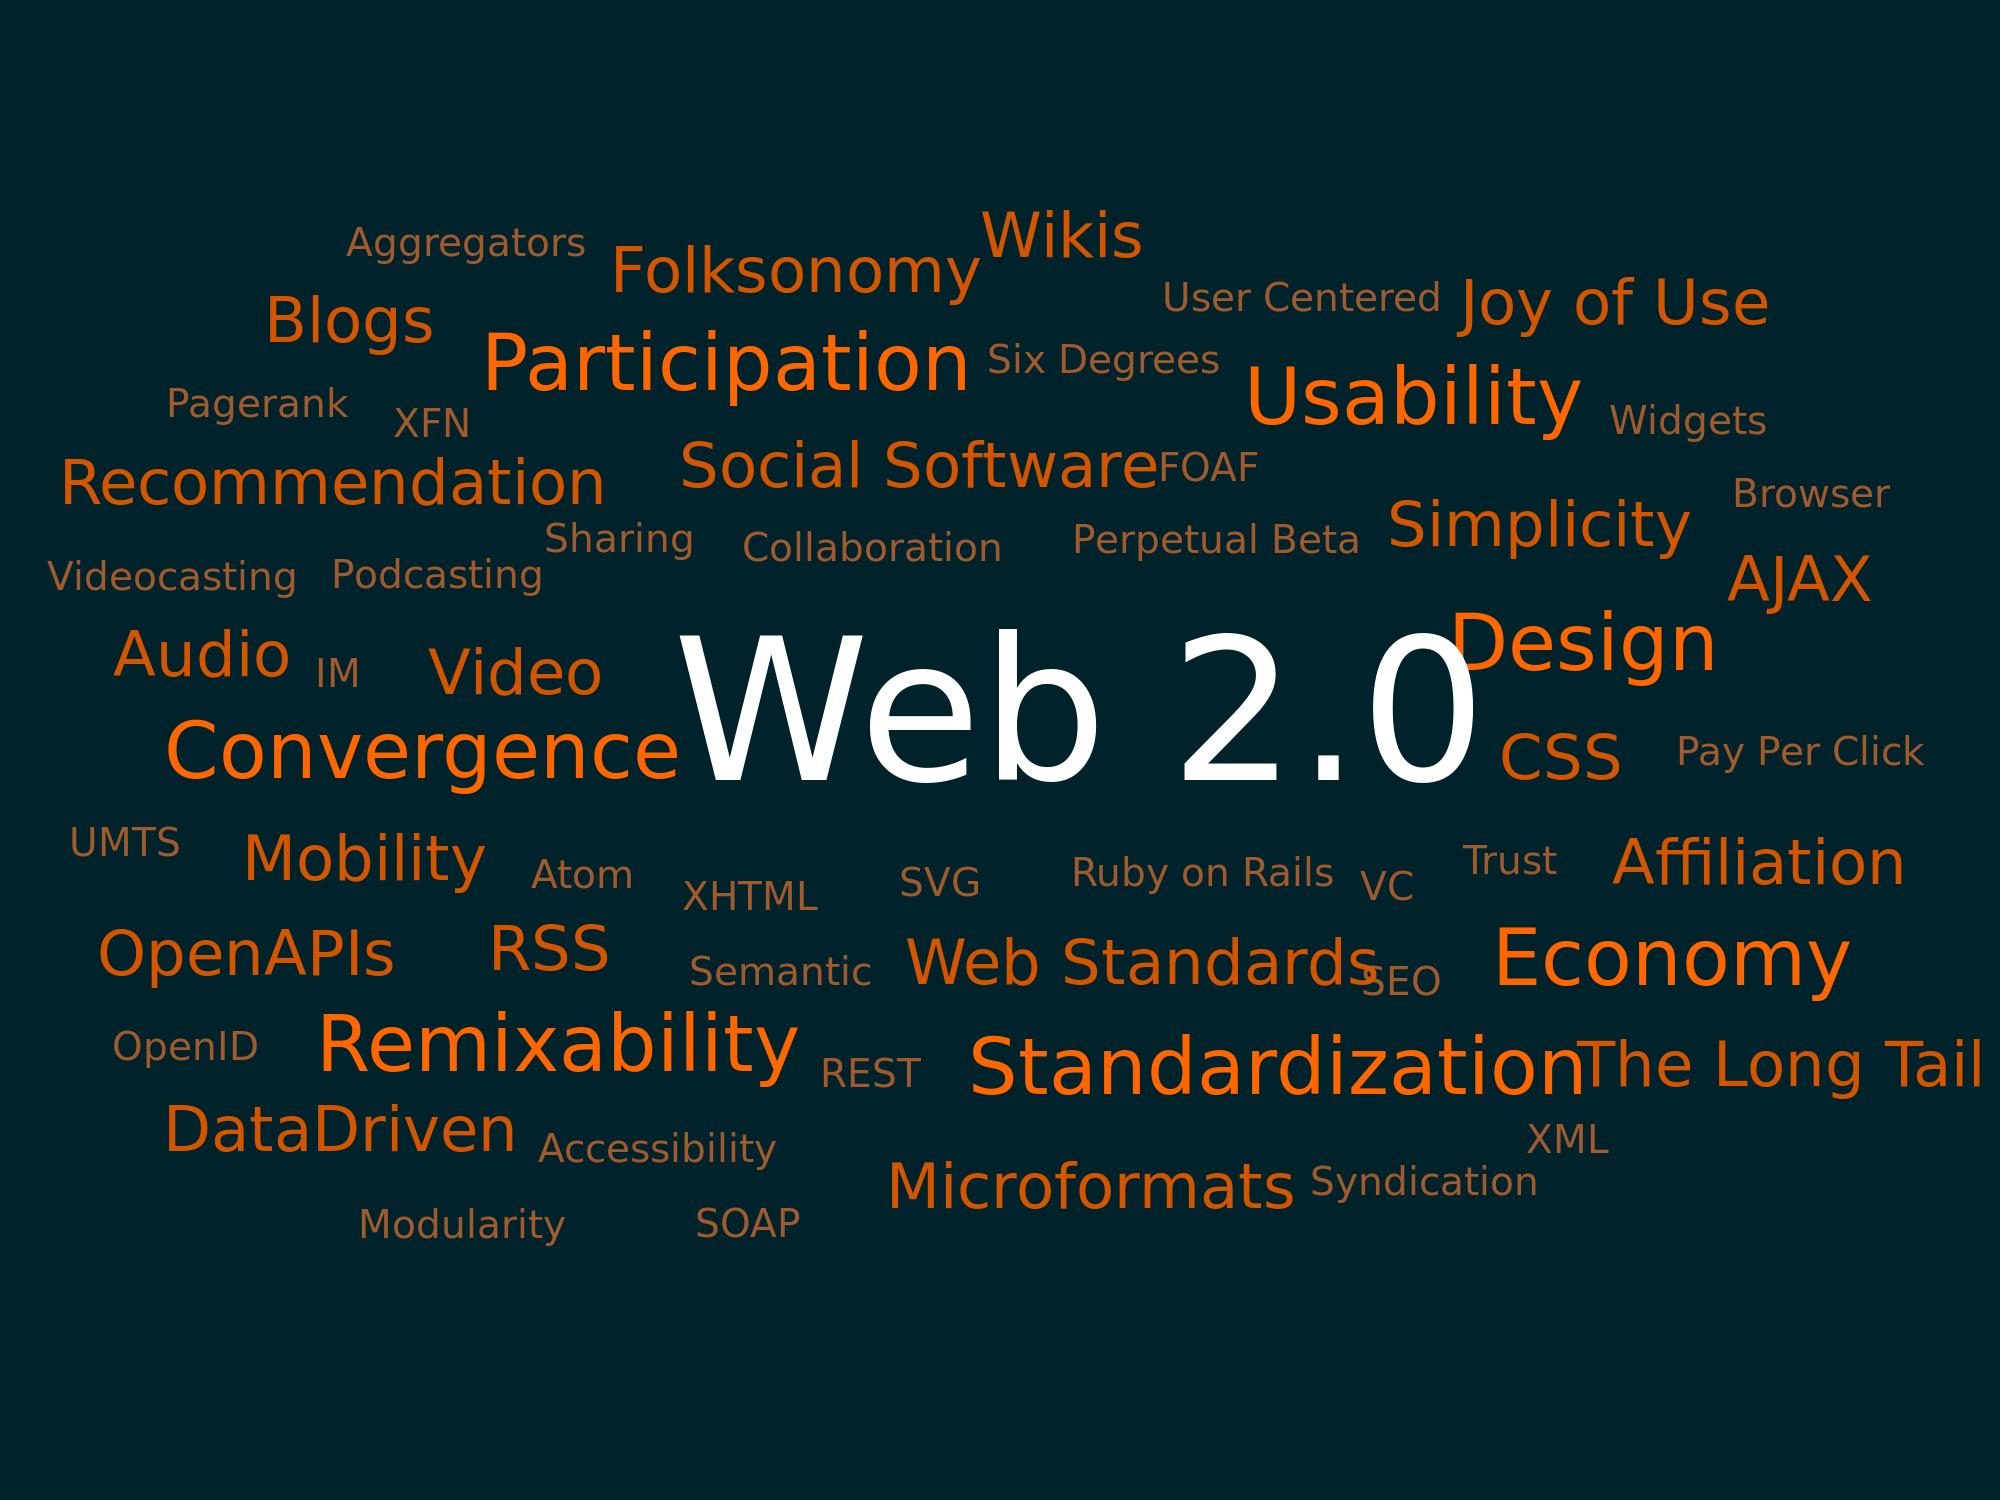 SEO 1200 Web2.0 backlinks using PR9-PR7 Domains Best For Seo